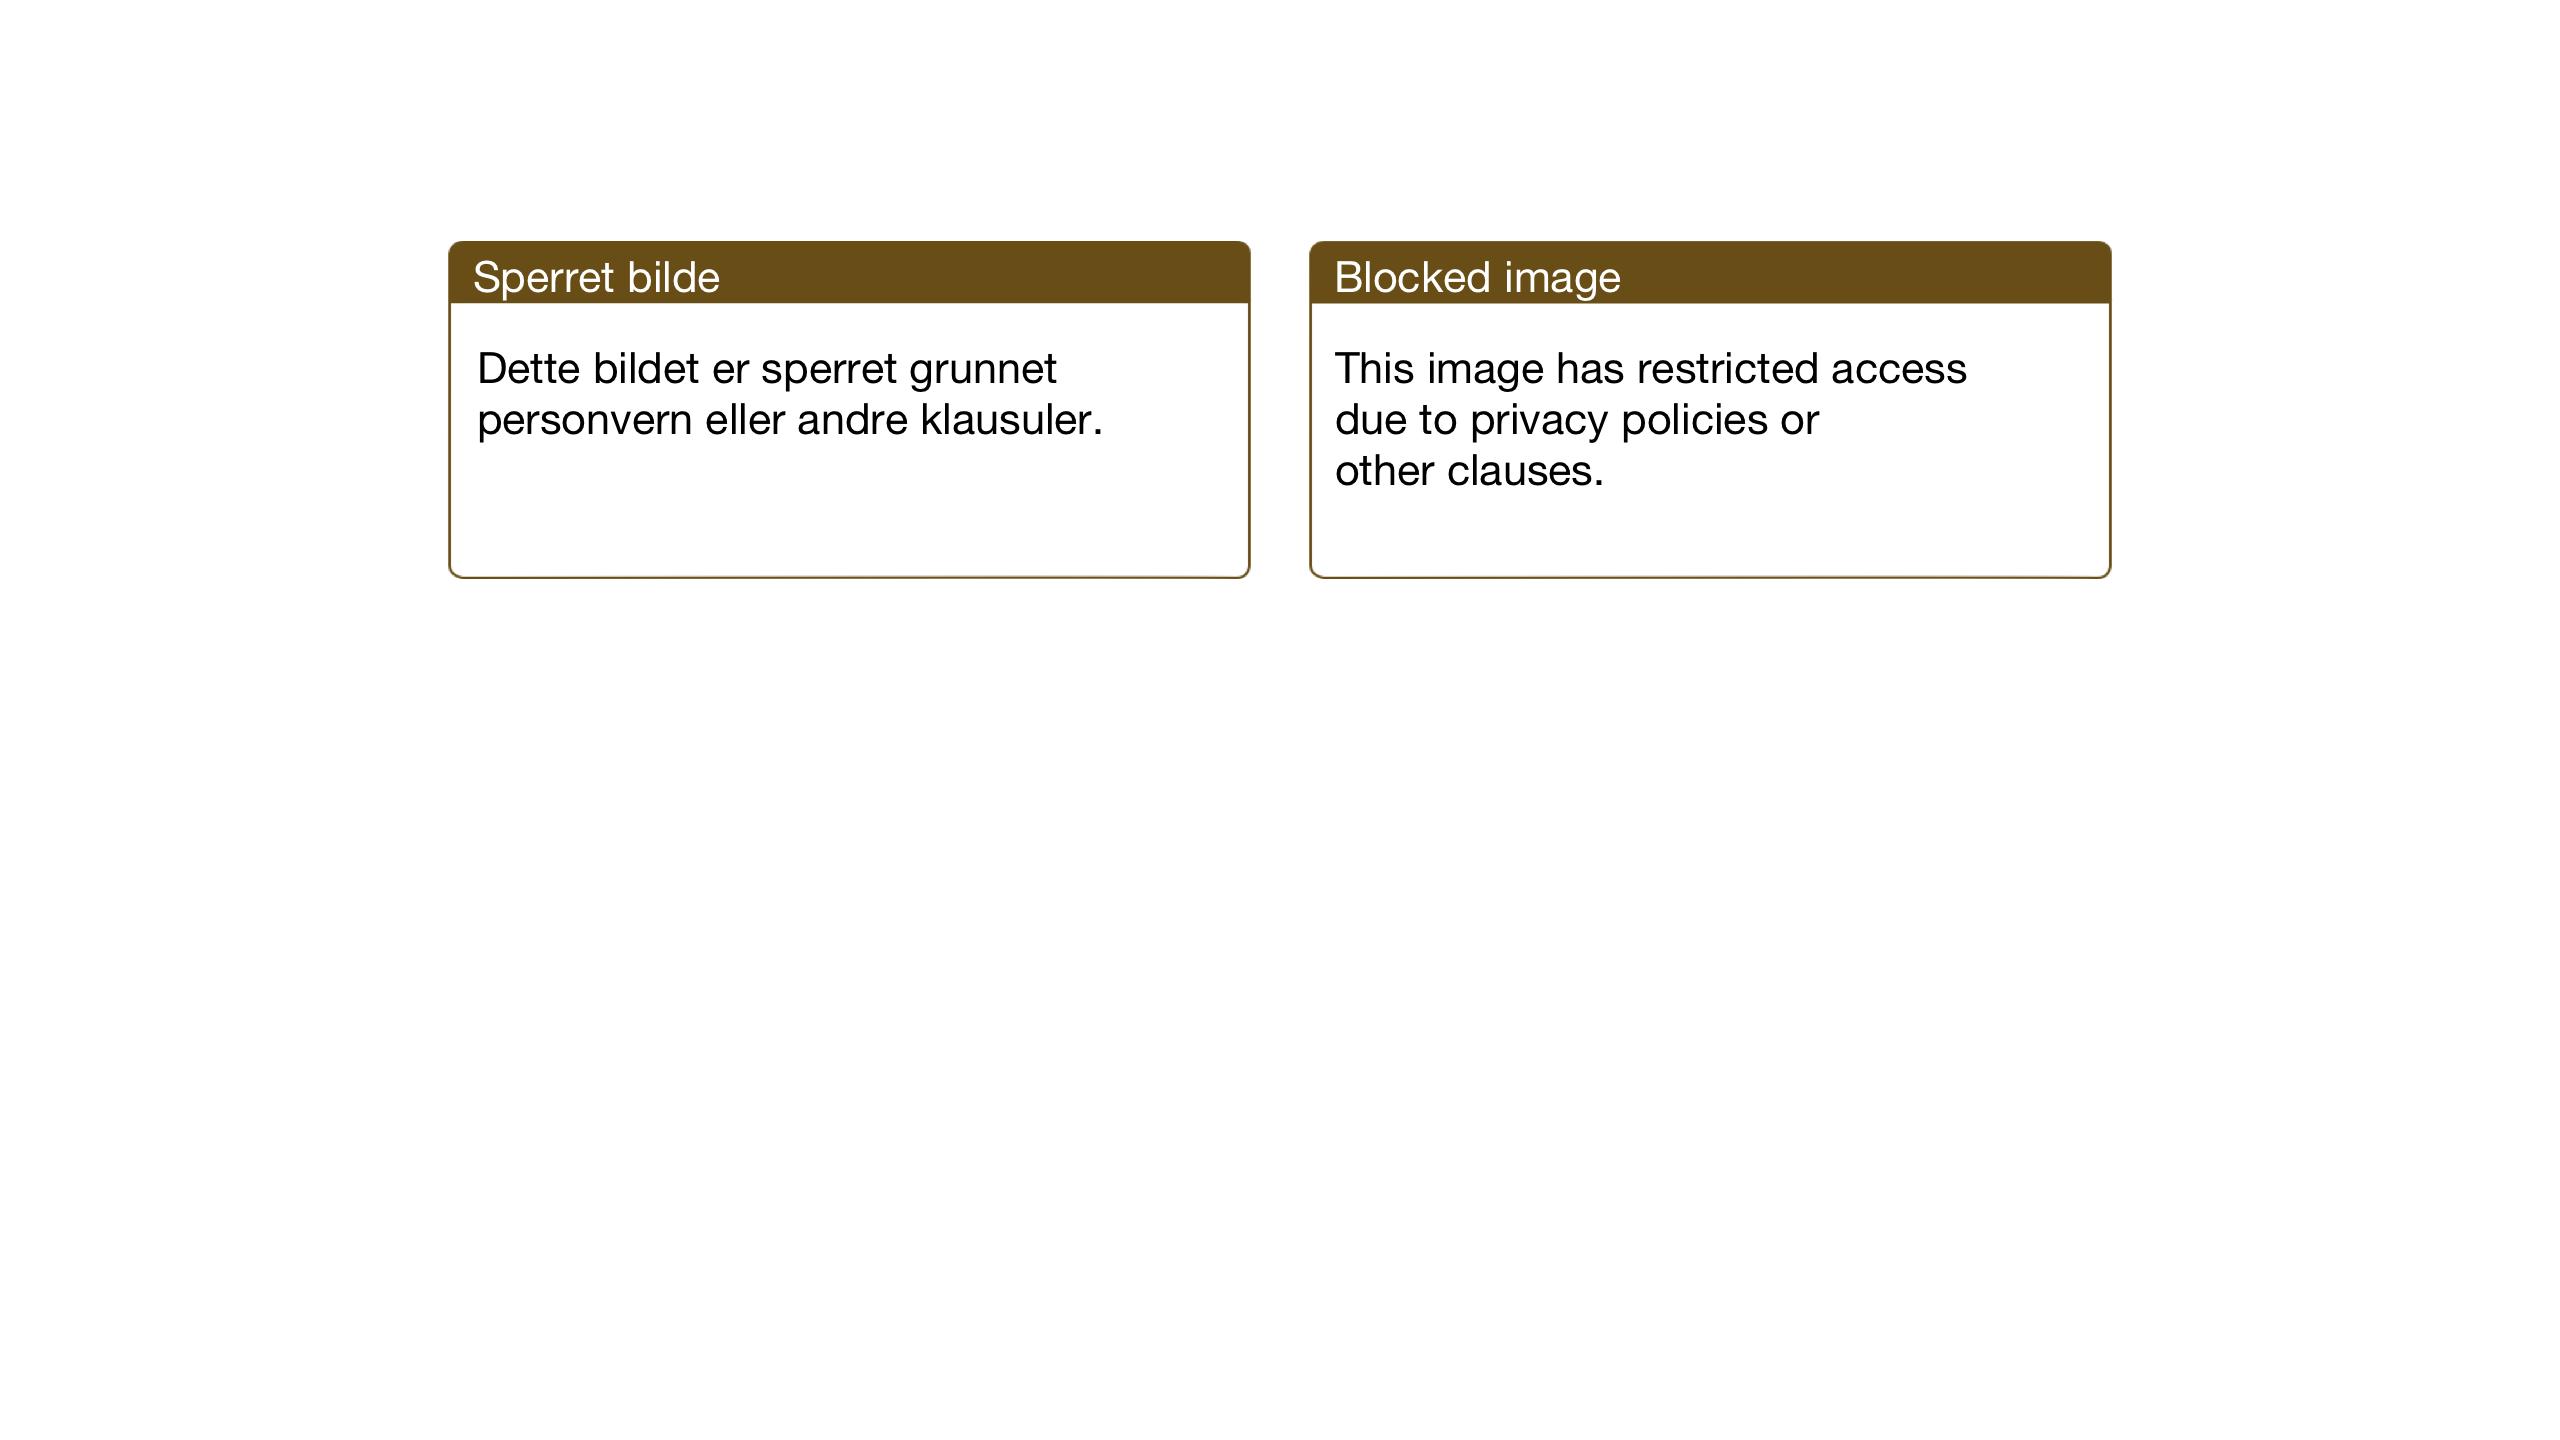 RA, Statspolitiet - Hovedkontoret / Osloavdelingen, G/Ga/L0015: Diverse angående jødeaksjonene (Korrespondanse med tyske myndigheter, beslagleggelse av eiendom, henvendelser til Quisling, sikring av jødiske pasienter m.m.), 1940-1943, s. 3